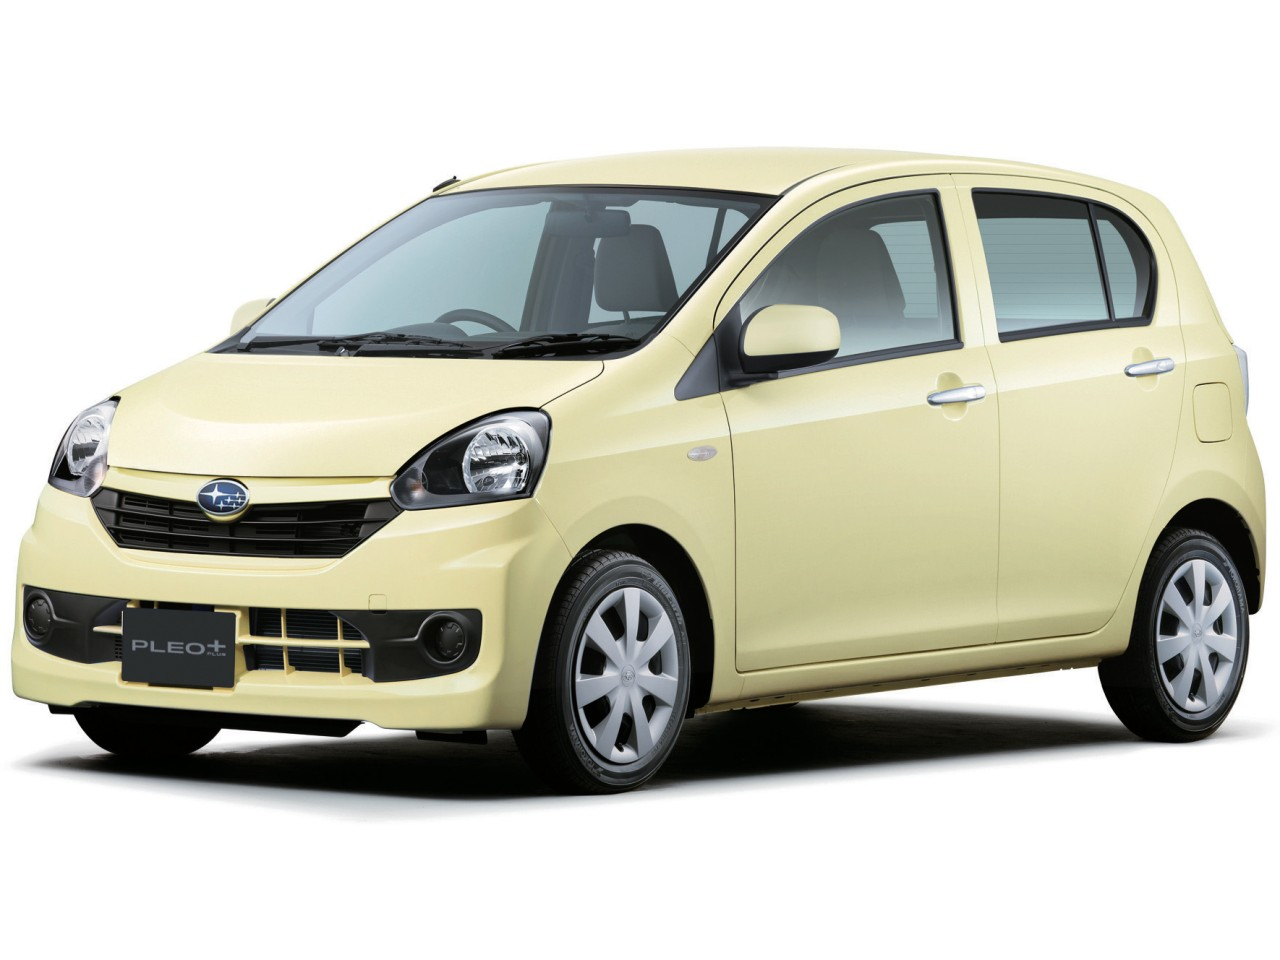 スバル プレオ プラス 2012年モデル 新車画像